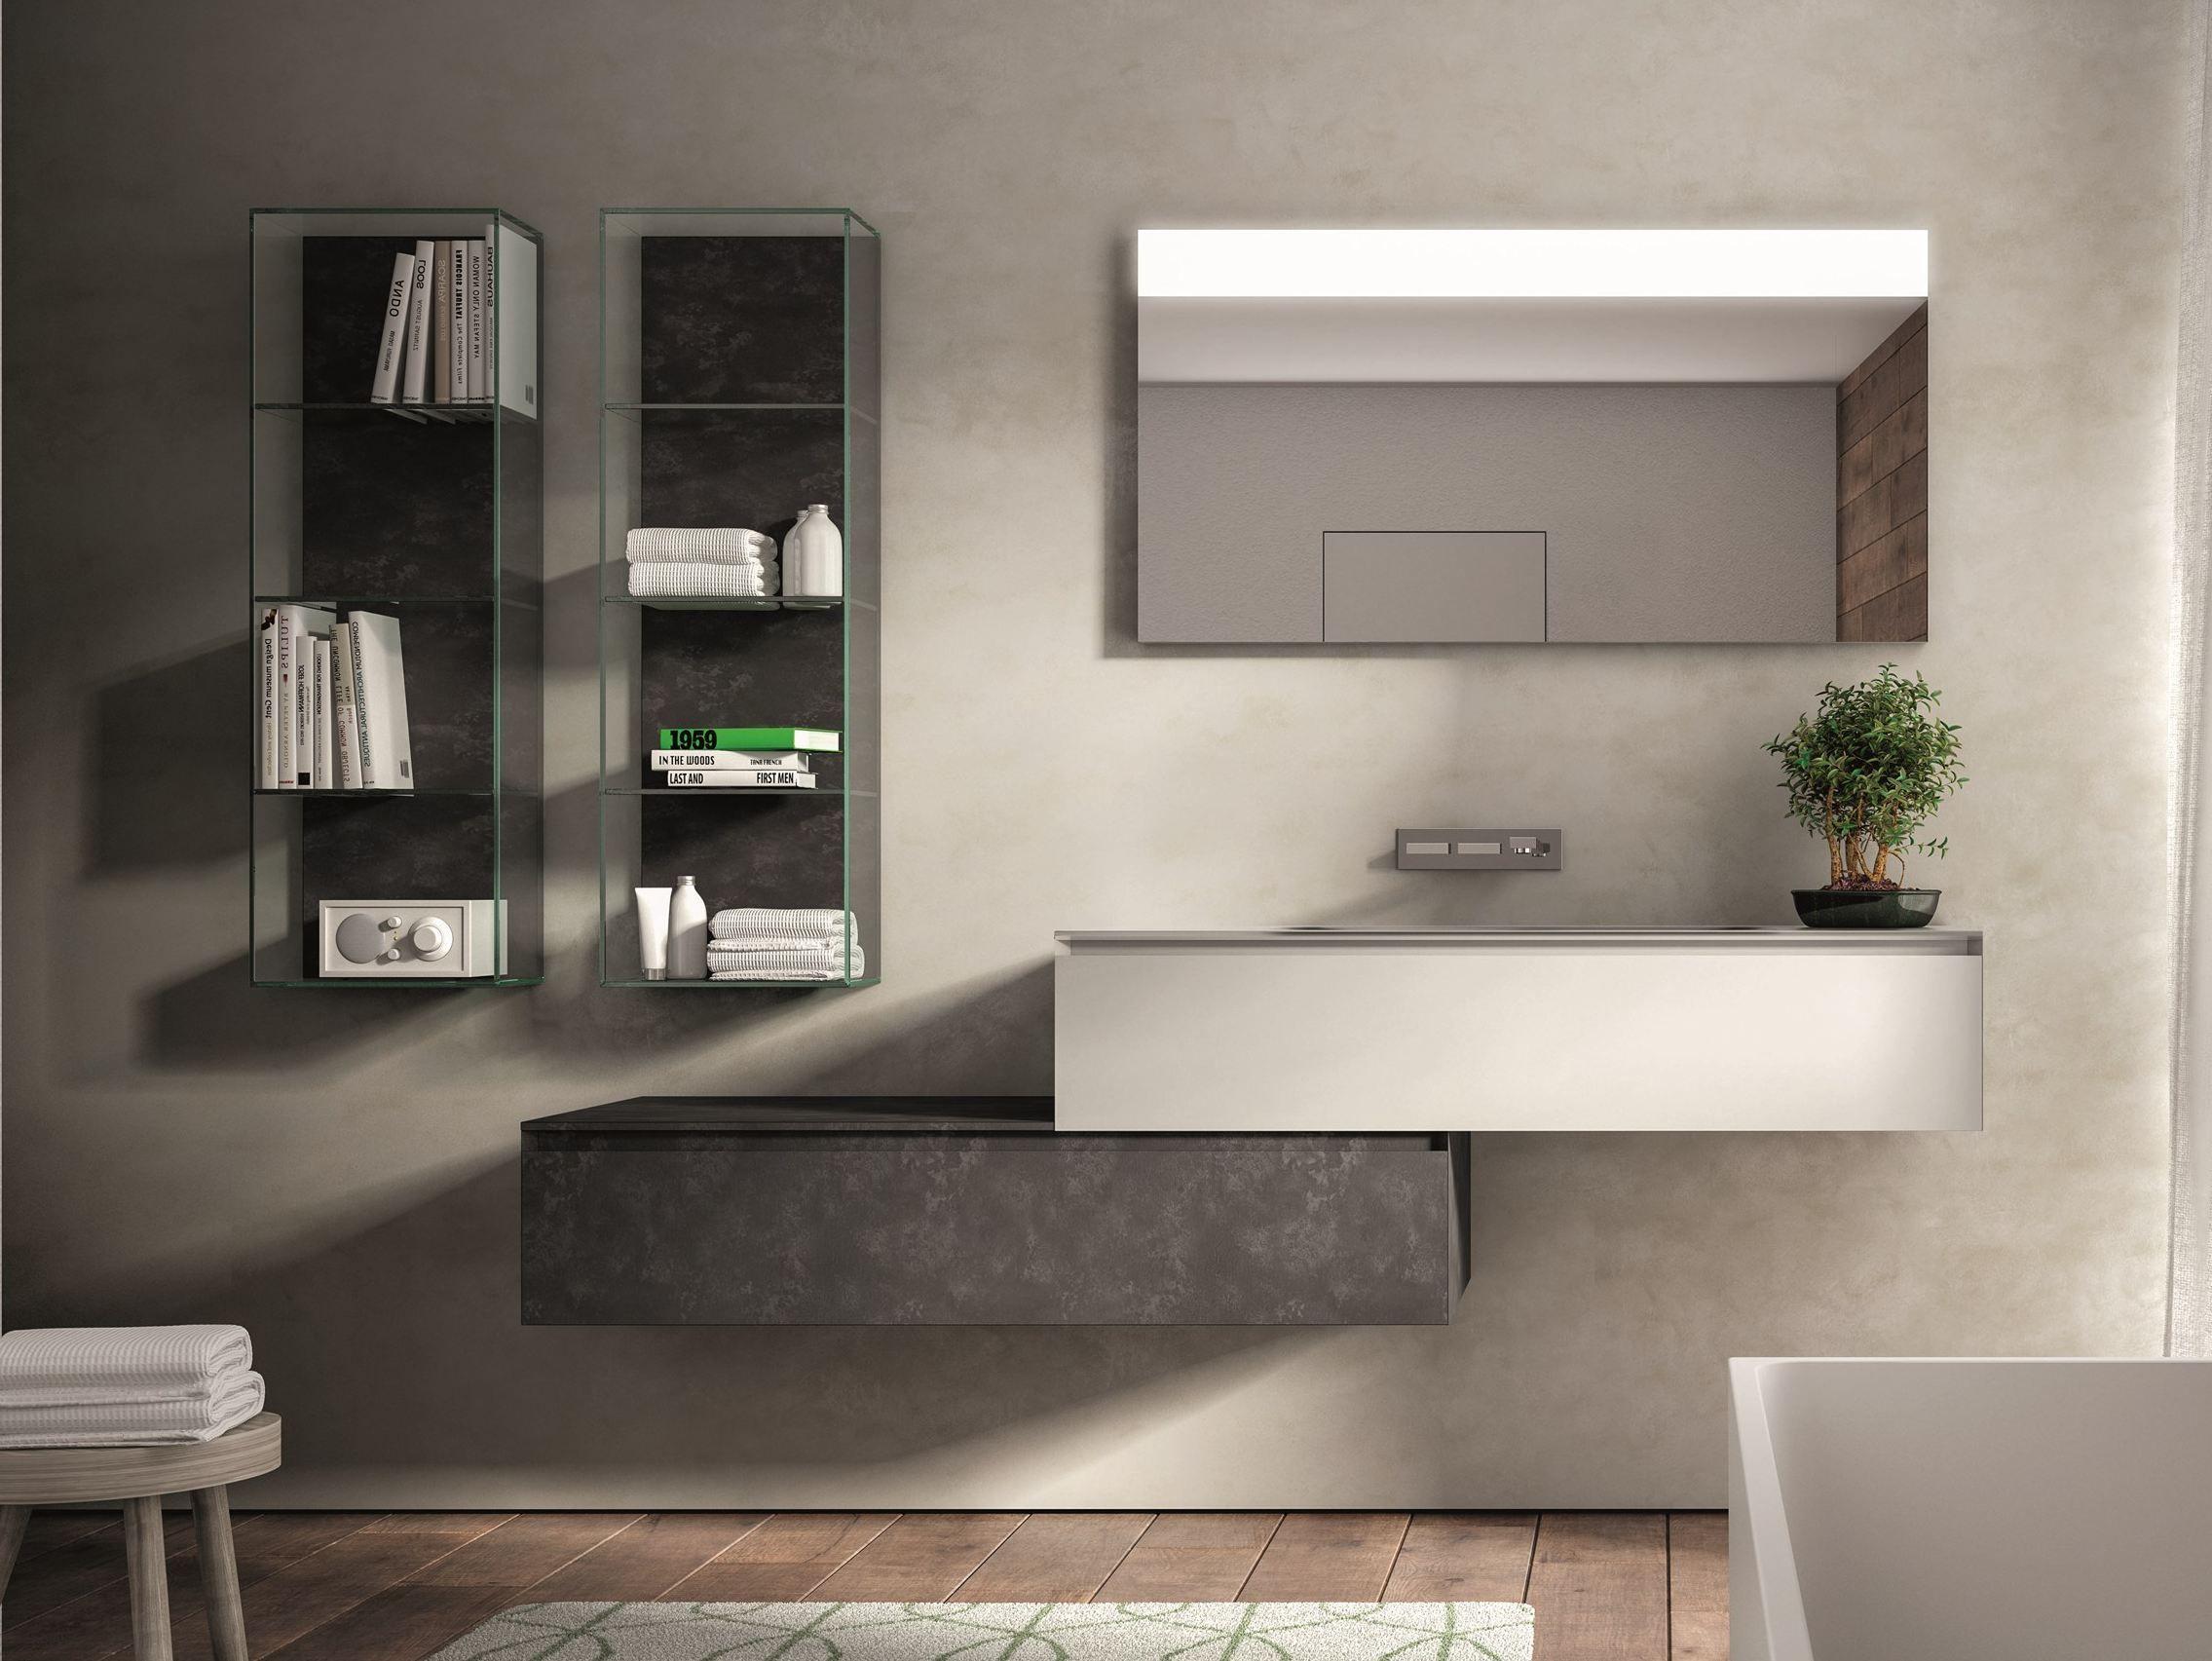 Arredo bagno completo in legno cubik n 11 by ideagroup - Idea mobili bagno ...